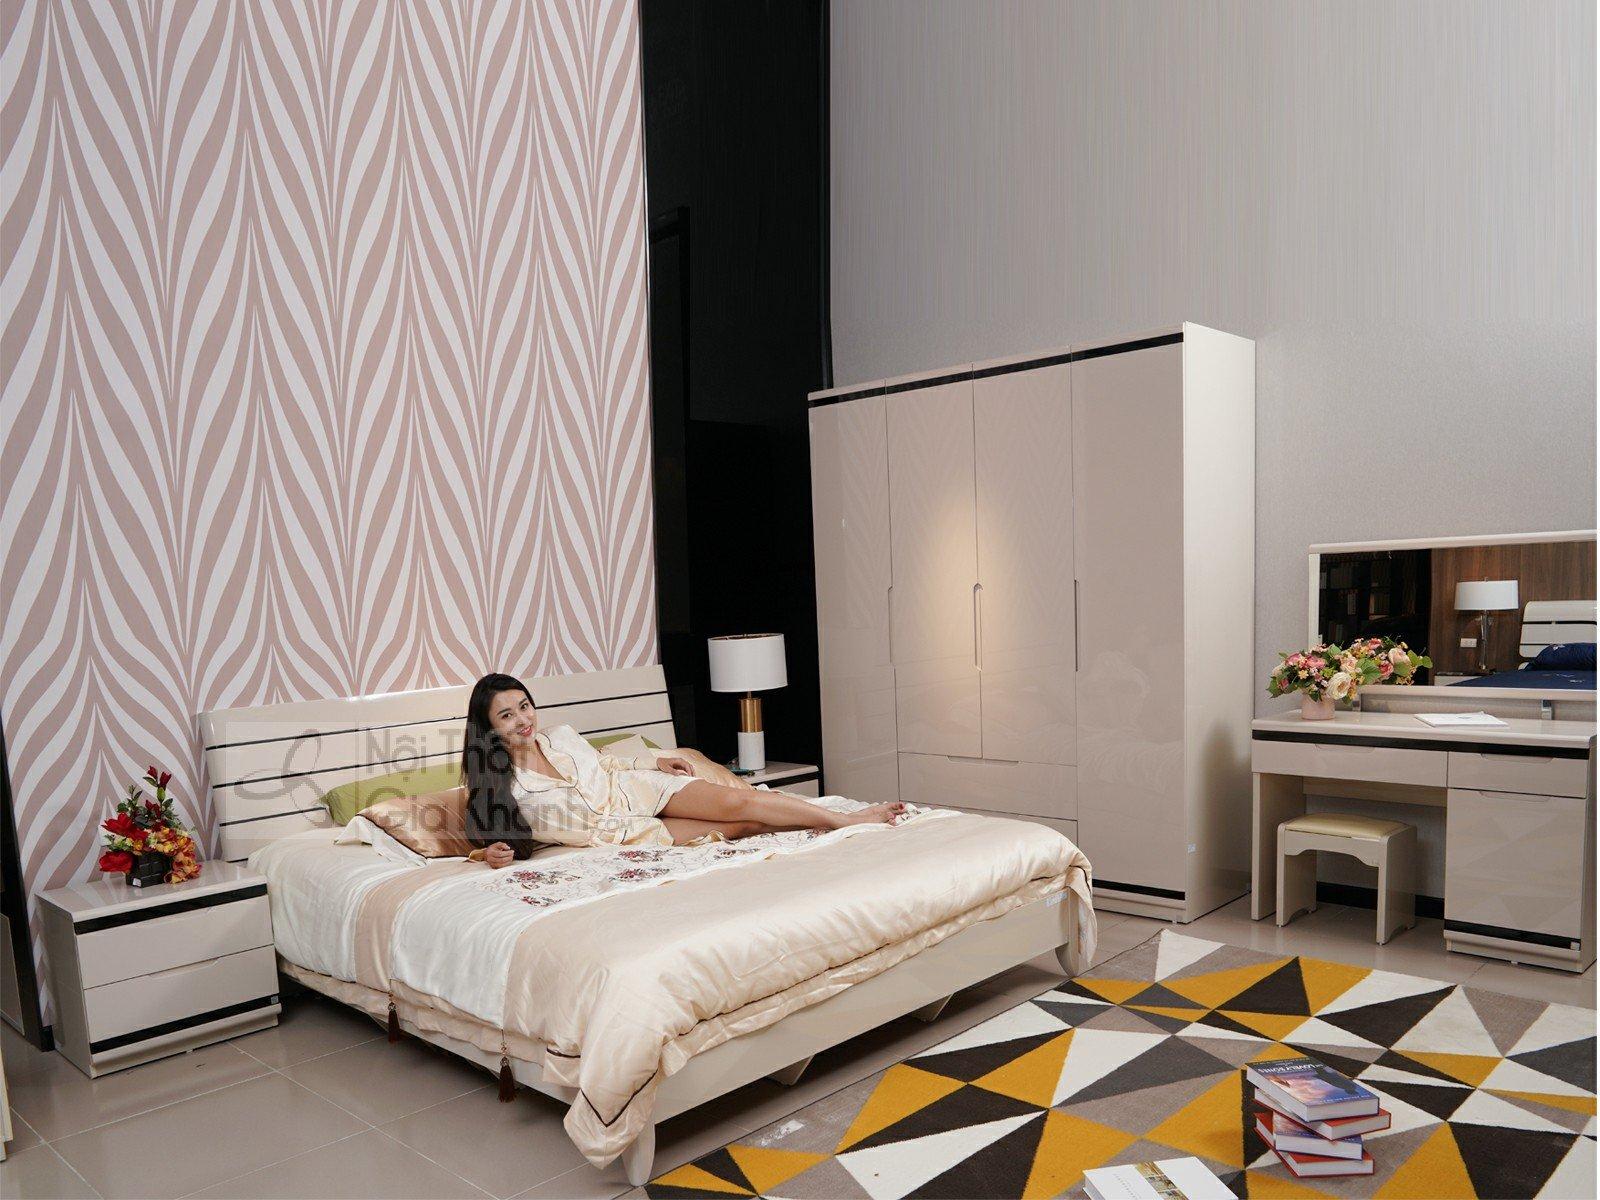 Bộ Giường Tủ Phòng Ngủ Gỗ Tự Nhiên Hiện Đại 3307BG - bo phong ngu 3307BG 6